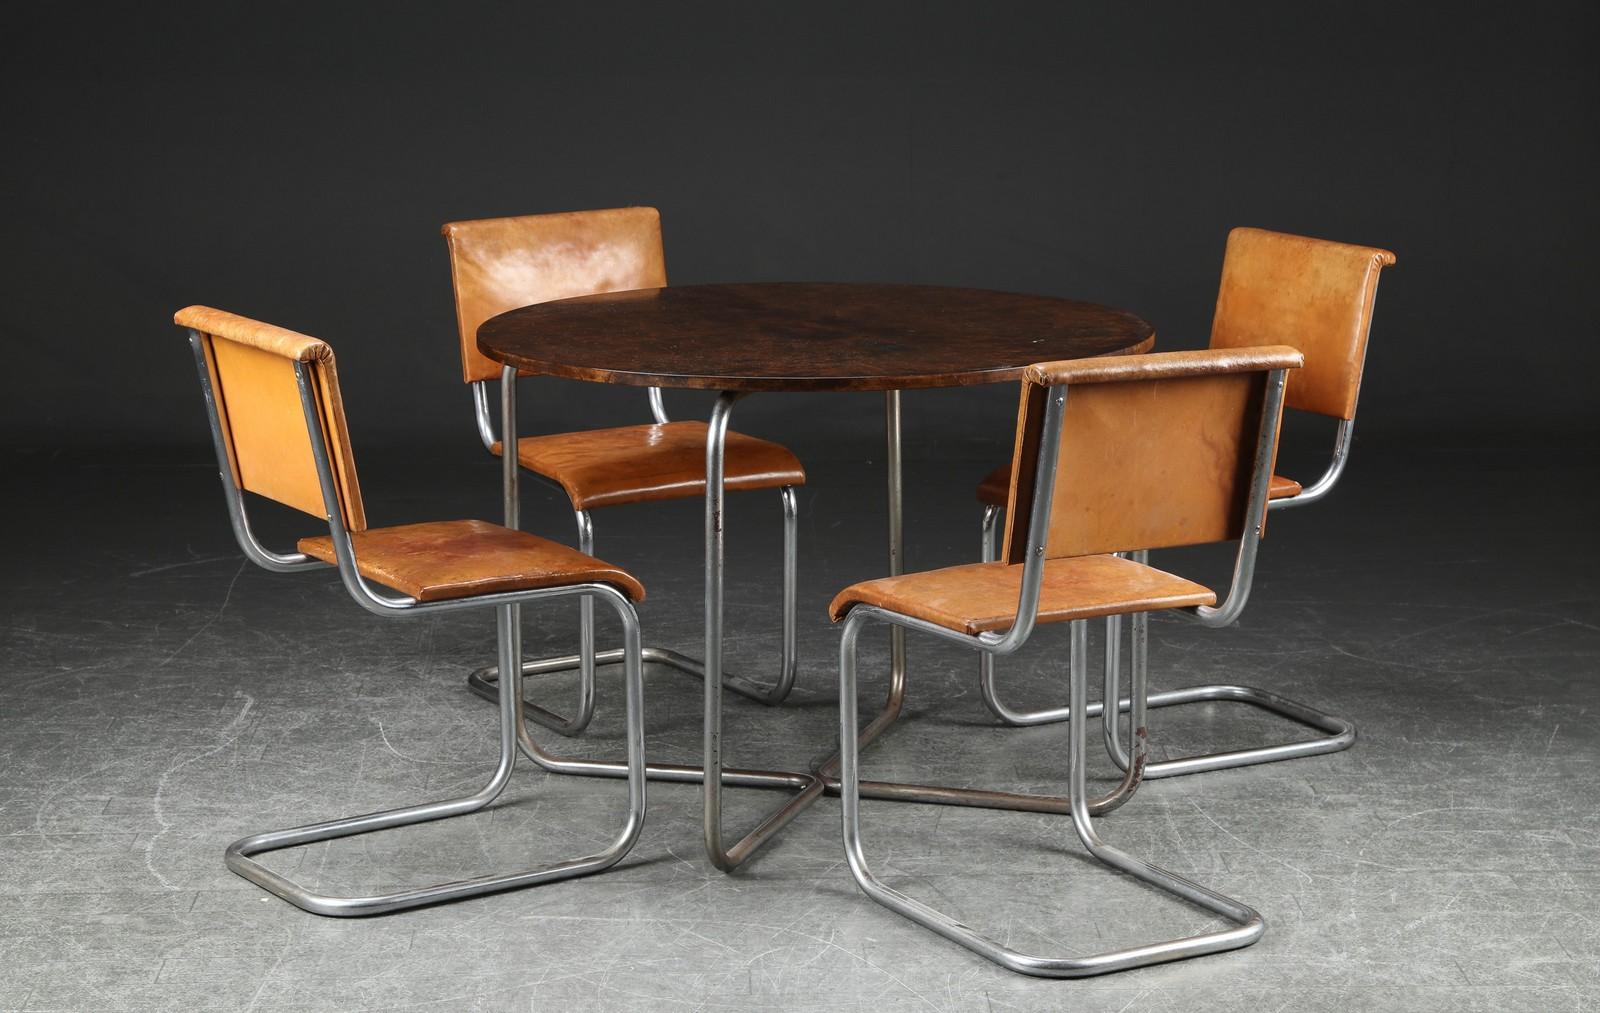 Auktionstipset - Art decó/funkis frisvinger stole med bord, 1930 ...